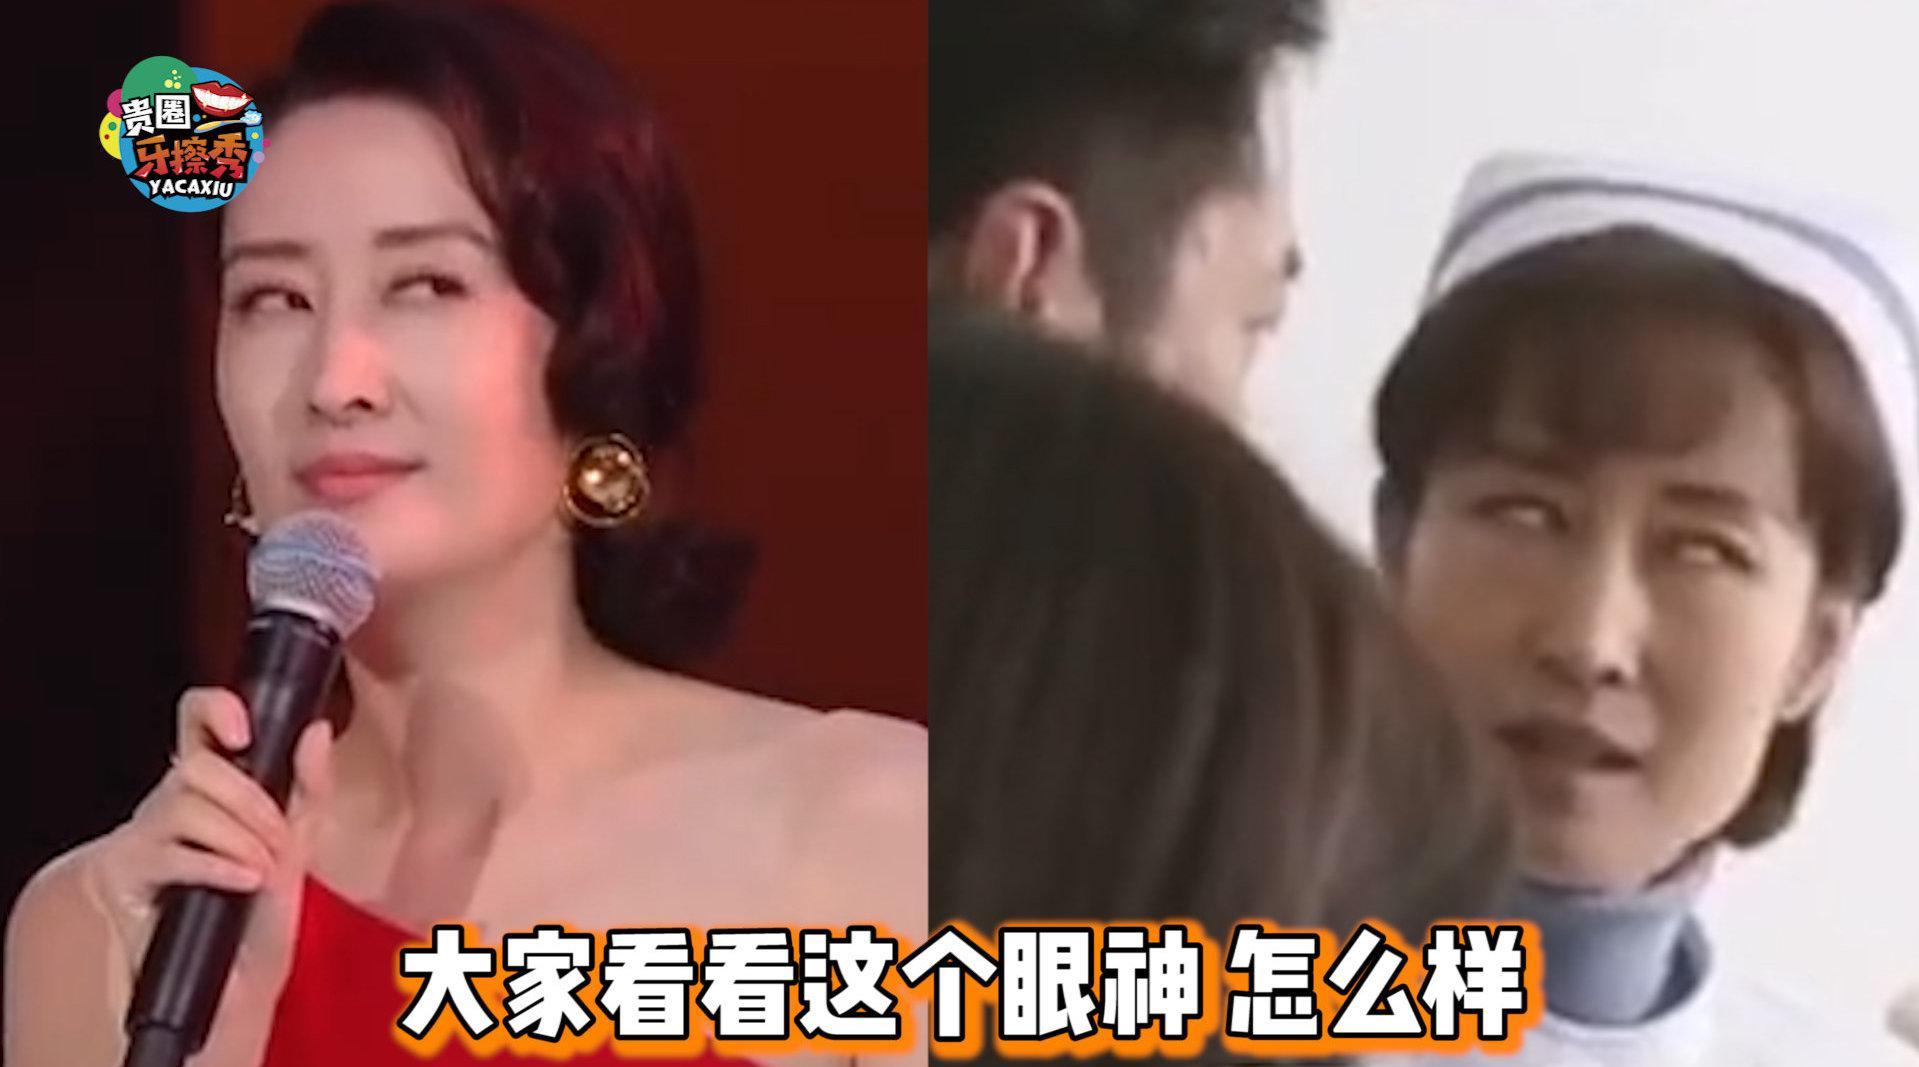 刘敏涛新戏花絮喜感爆棚,穿护士装频频上演魔性表情包